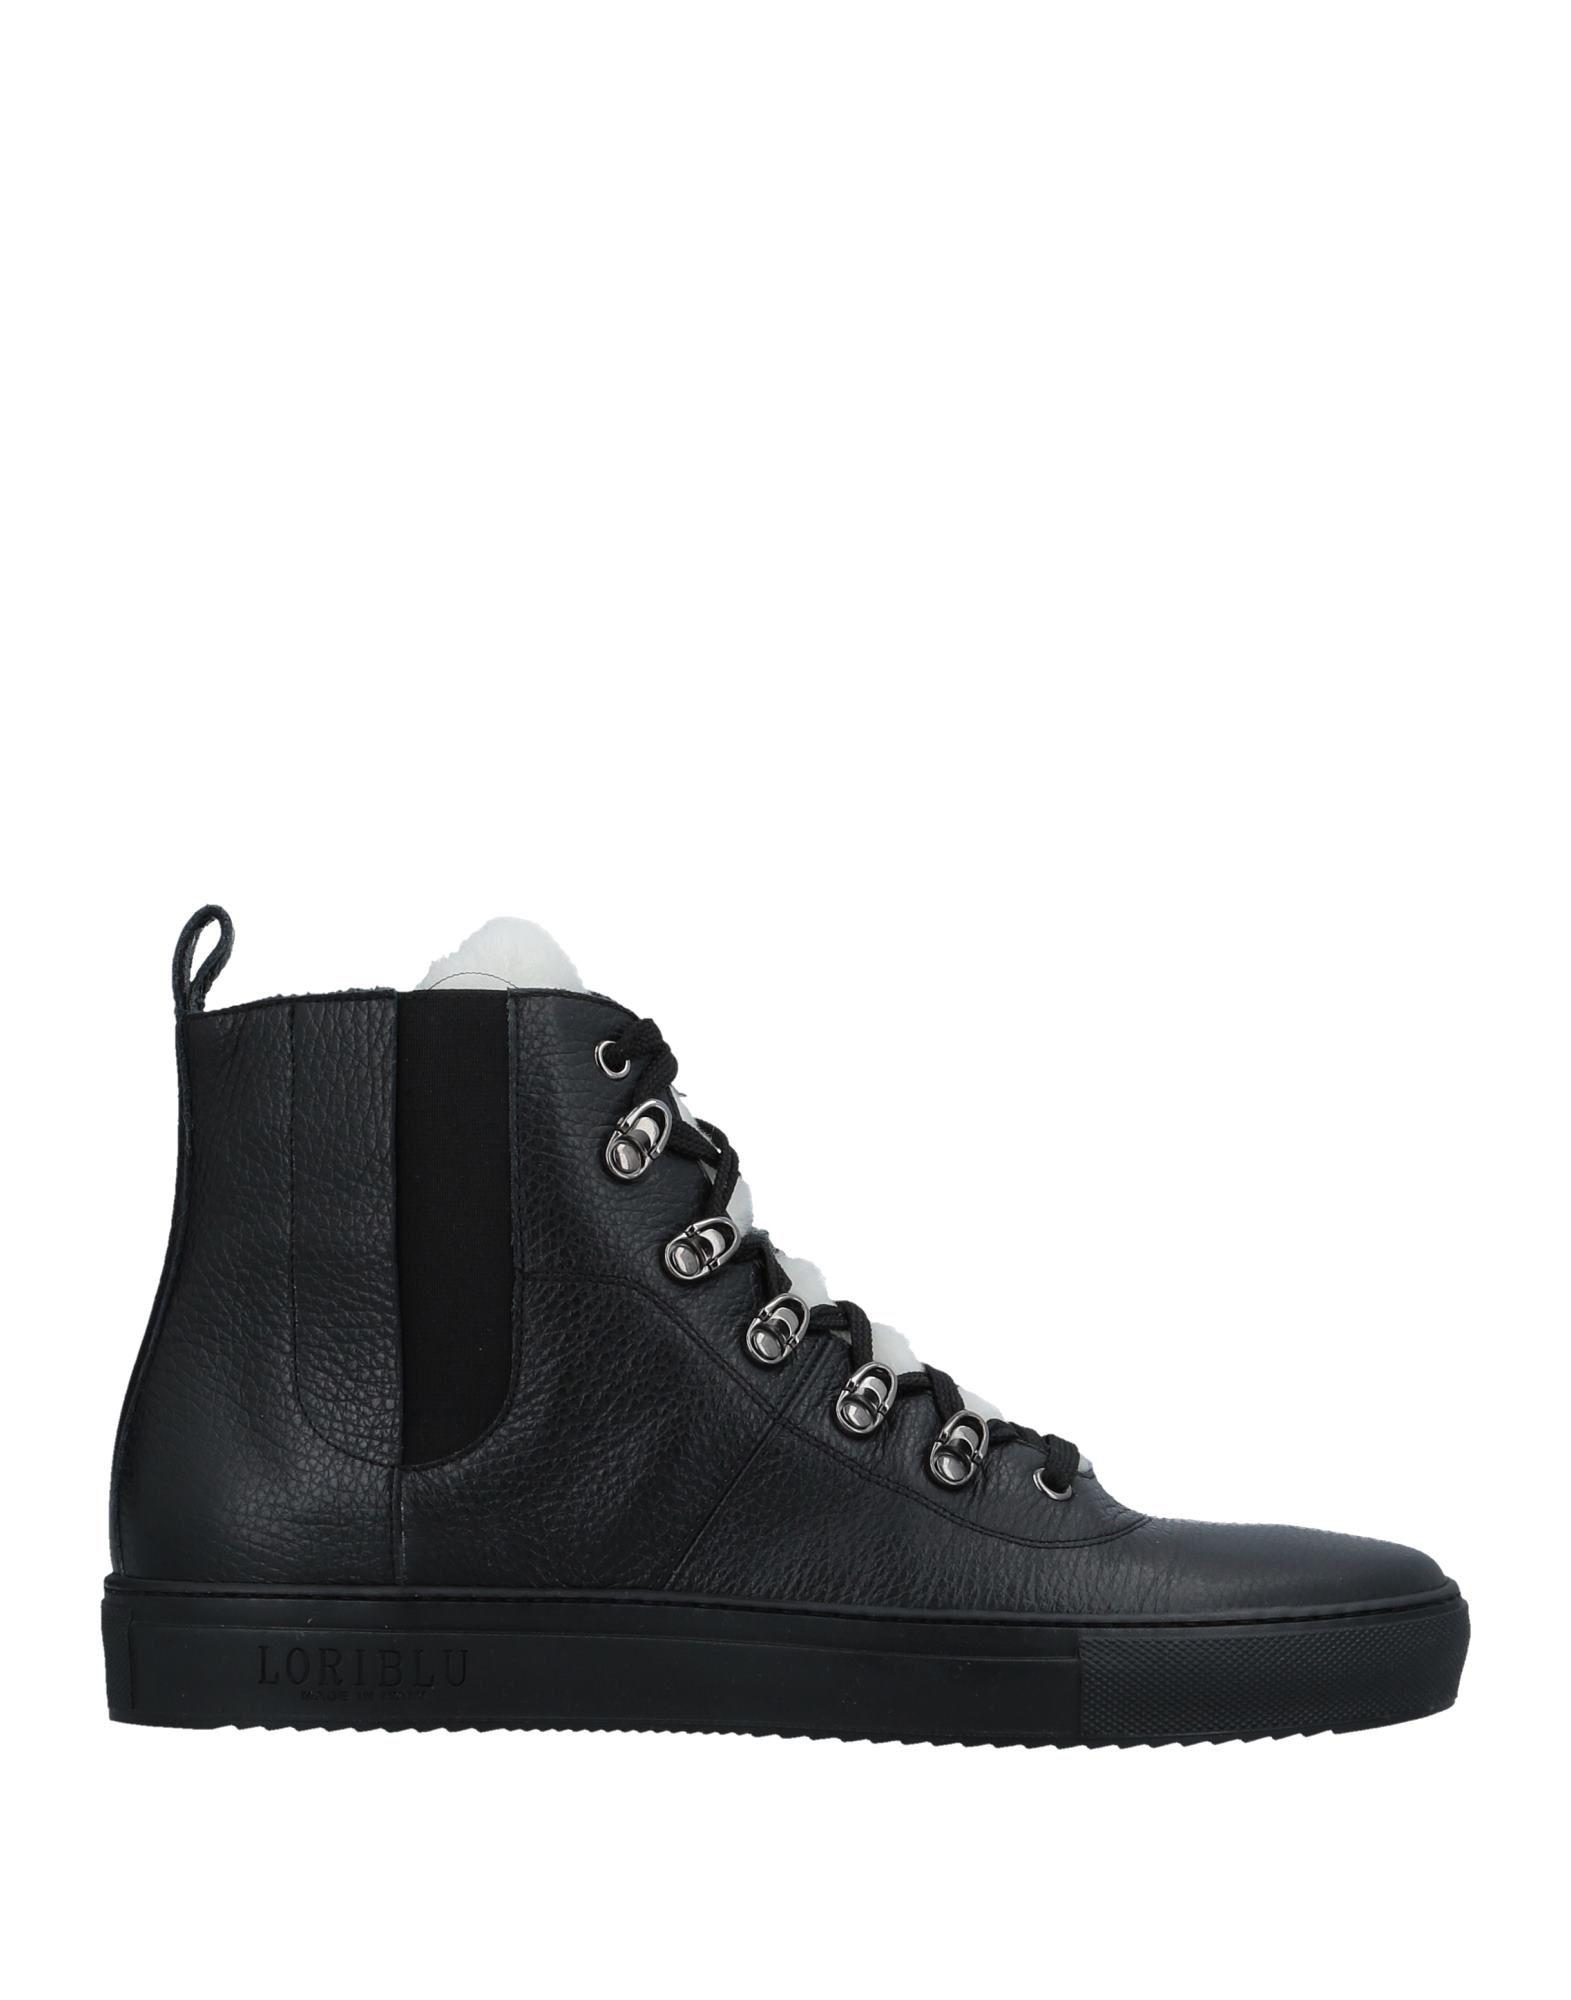 Sneakers Loriblu Uomo - 11510566OG Scarpe economiche e buone